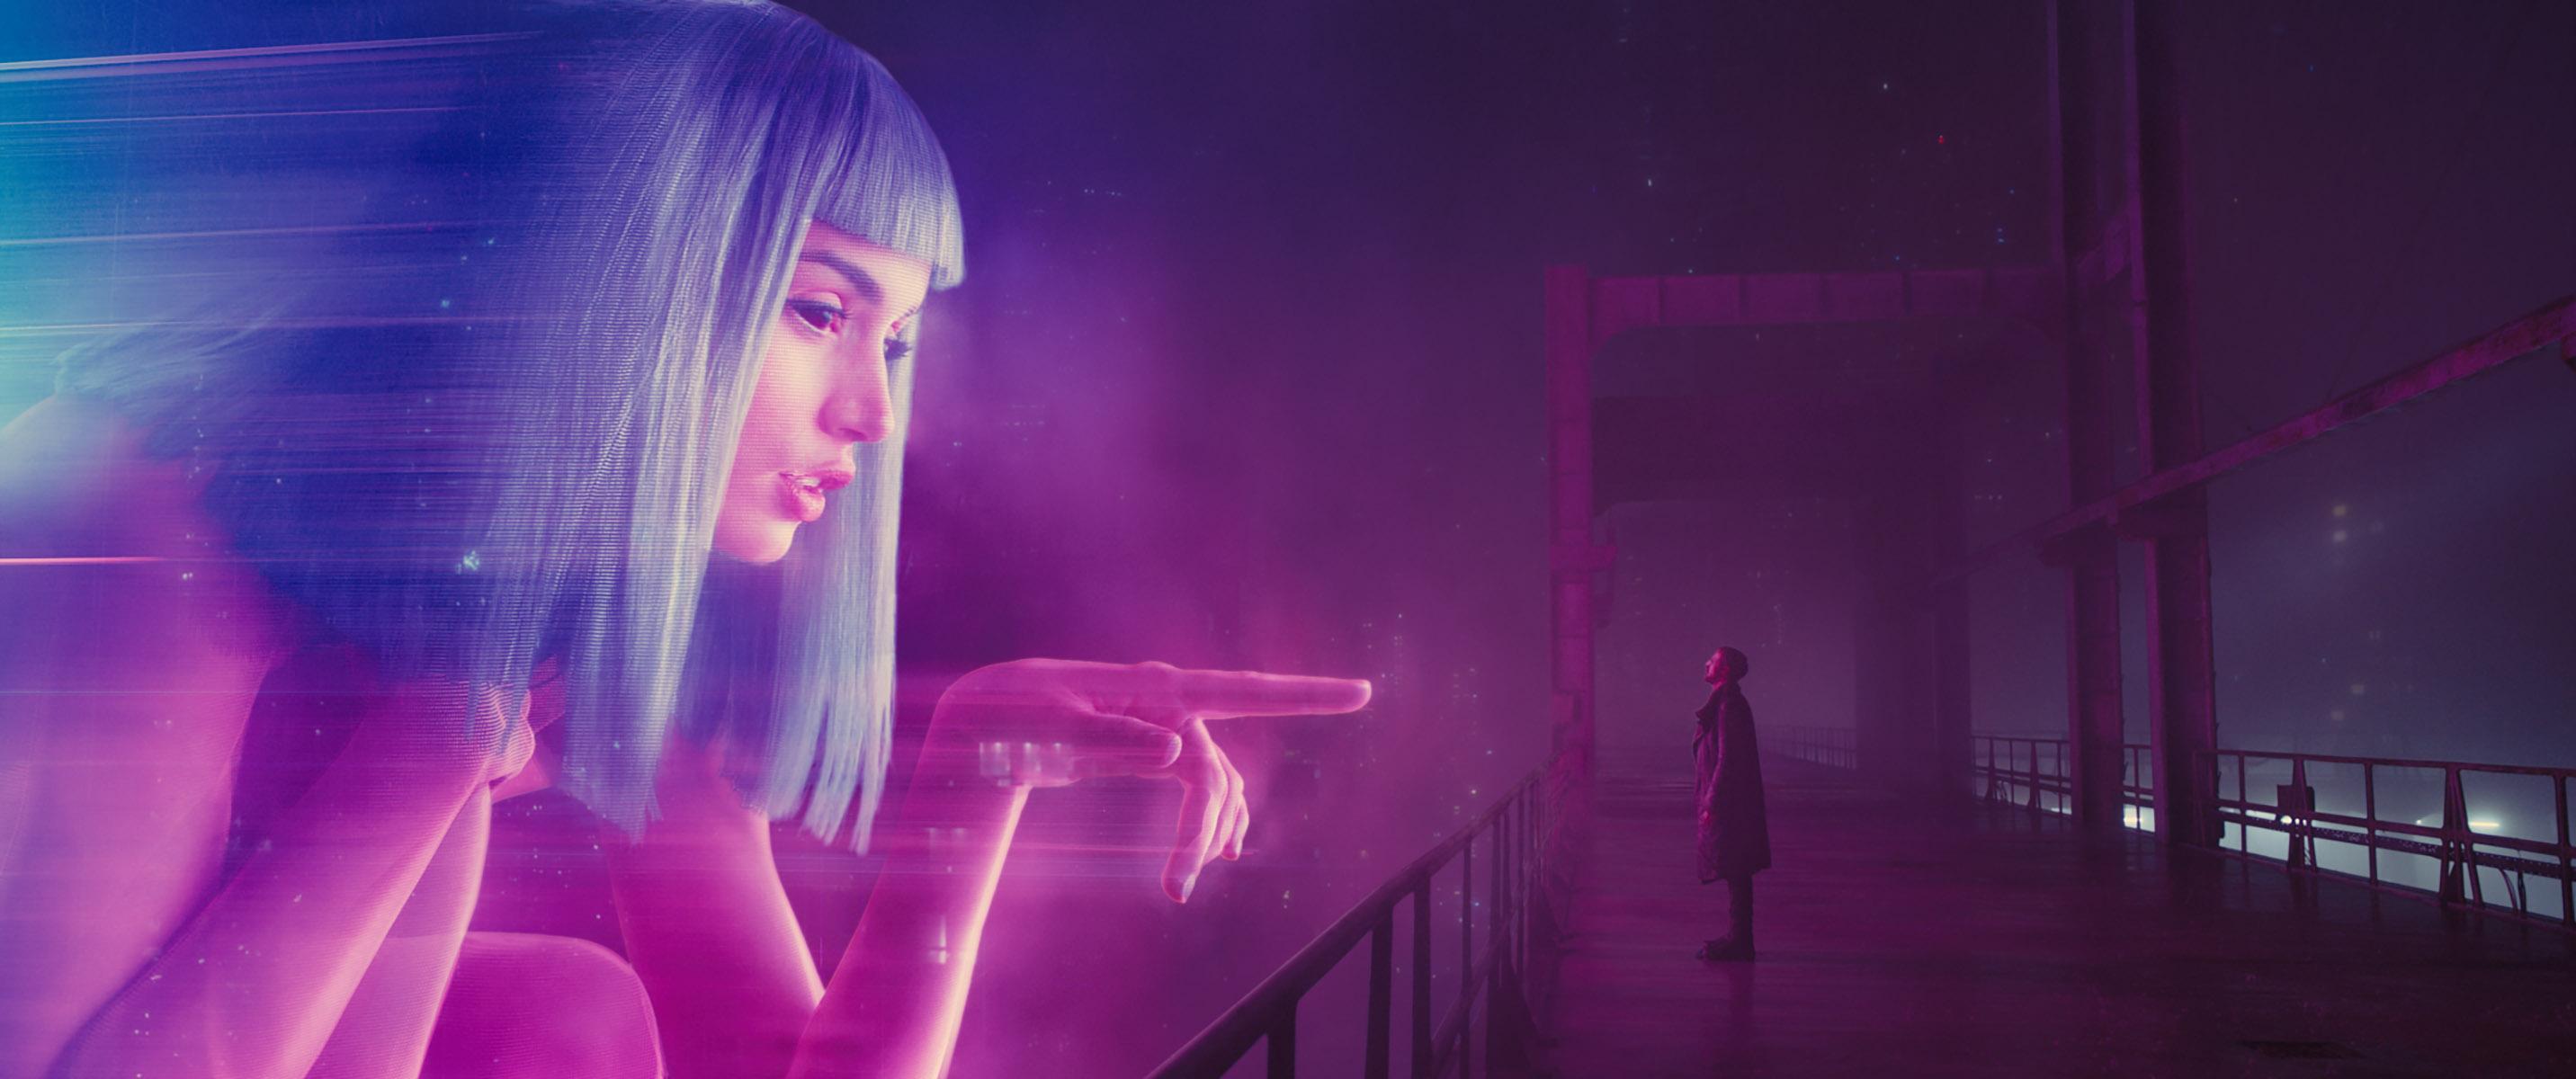 blade-runner-2049-ryan-gosling-publicidad